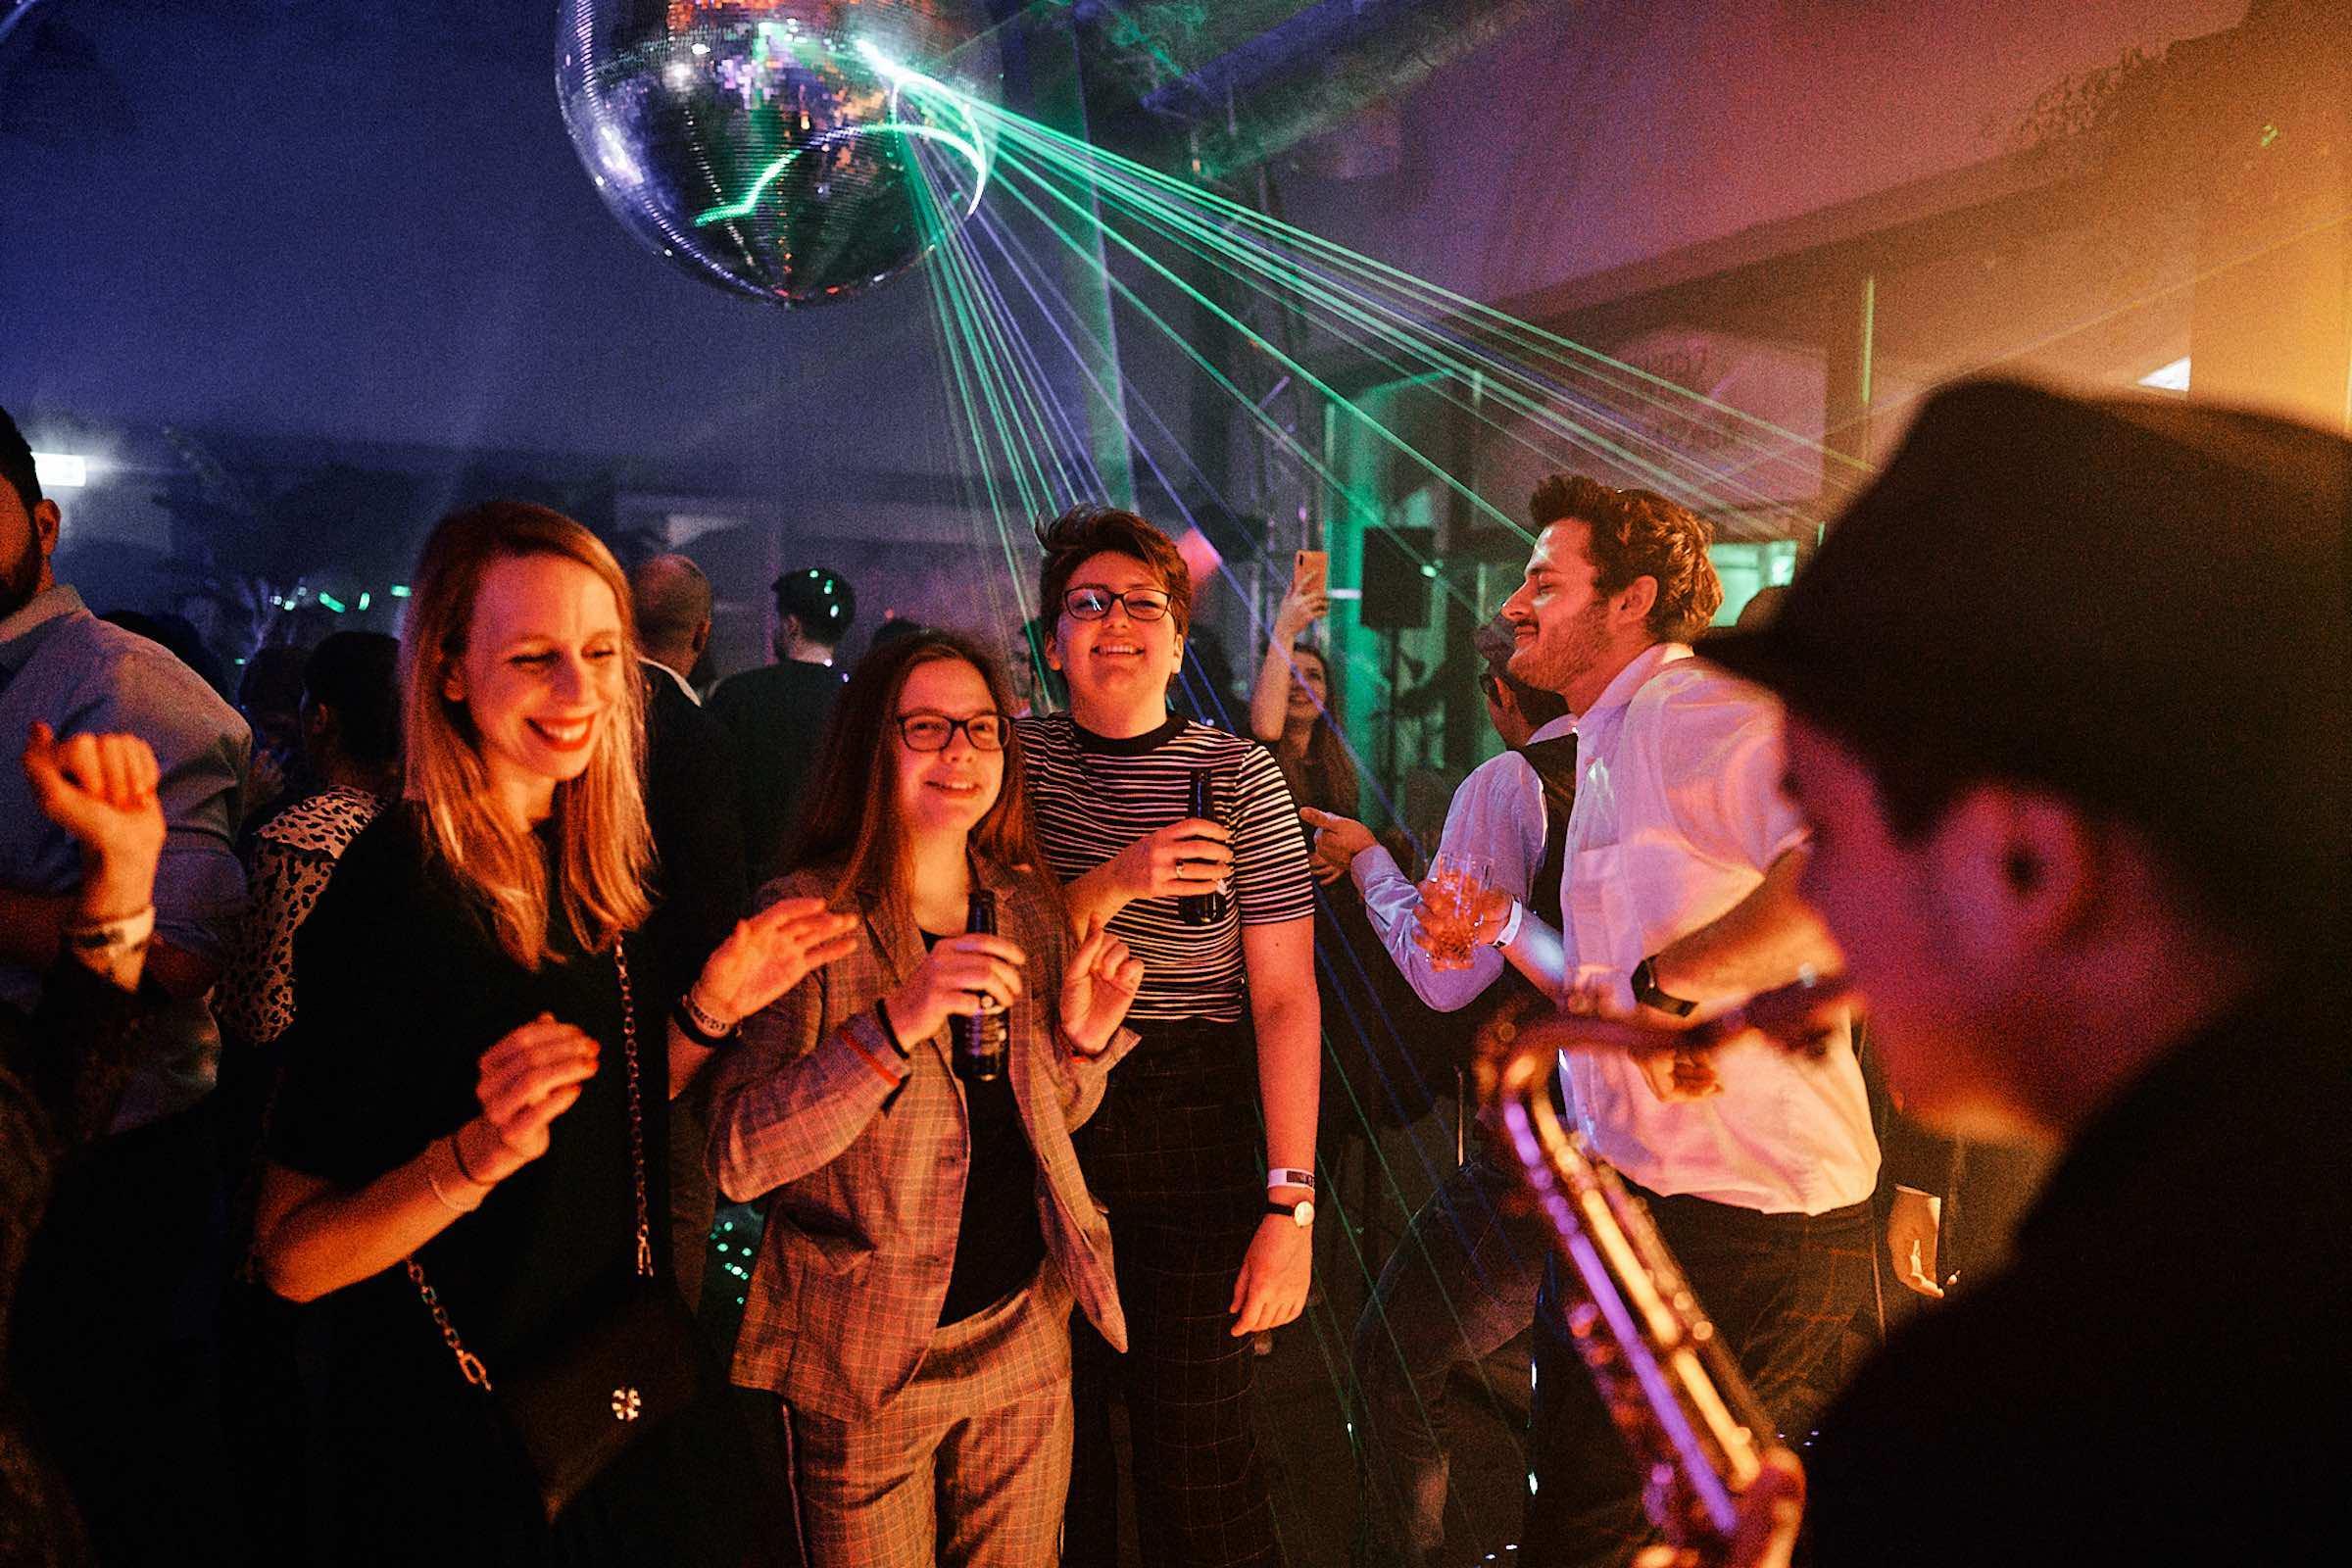 Saxophonist   Hannover   Hochzeit   Liveband   Livemusik   Partyband   Schlagzeug   Jazzband   Swingband   Party   DJ   Pop   Jazz   Hochzeit   Sektempfang   Messe   Firmenfeier   Gala   Buchen   Mieten   Anfragen